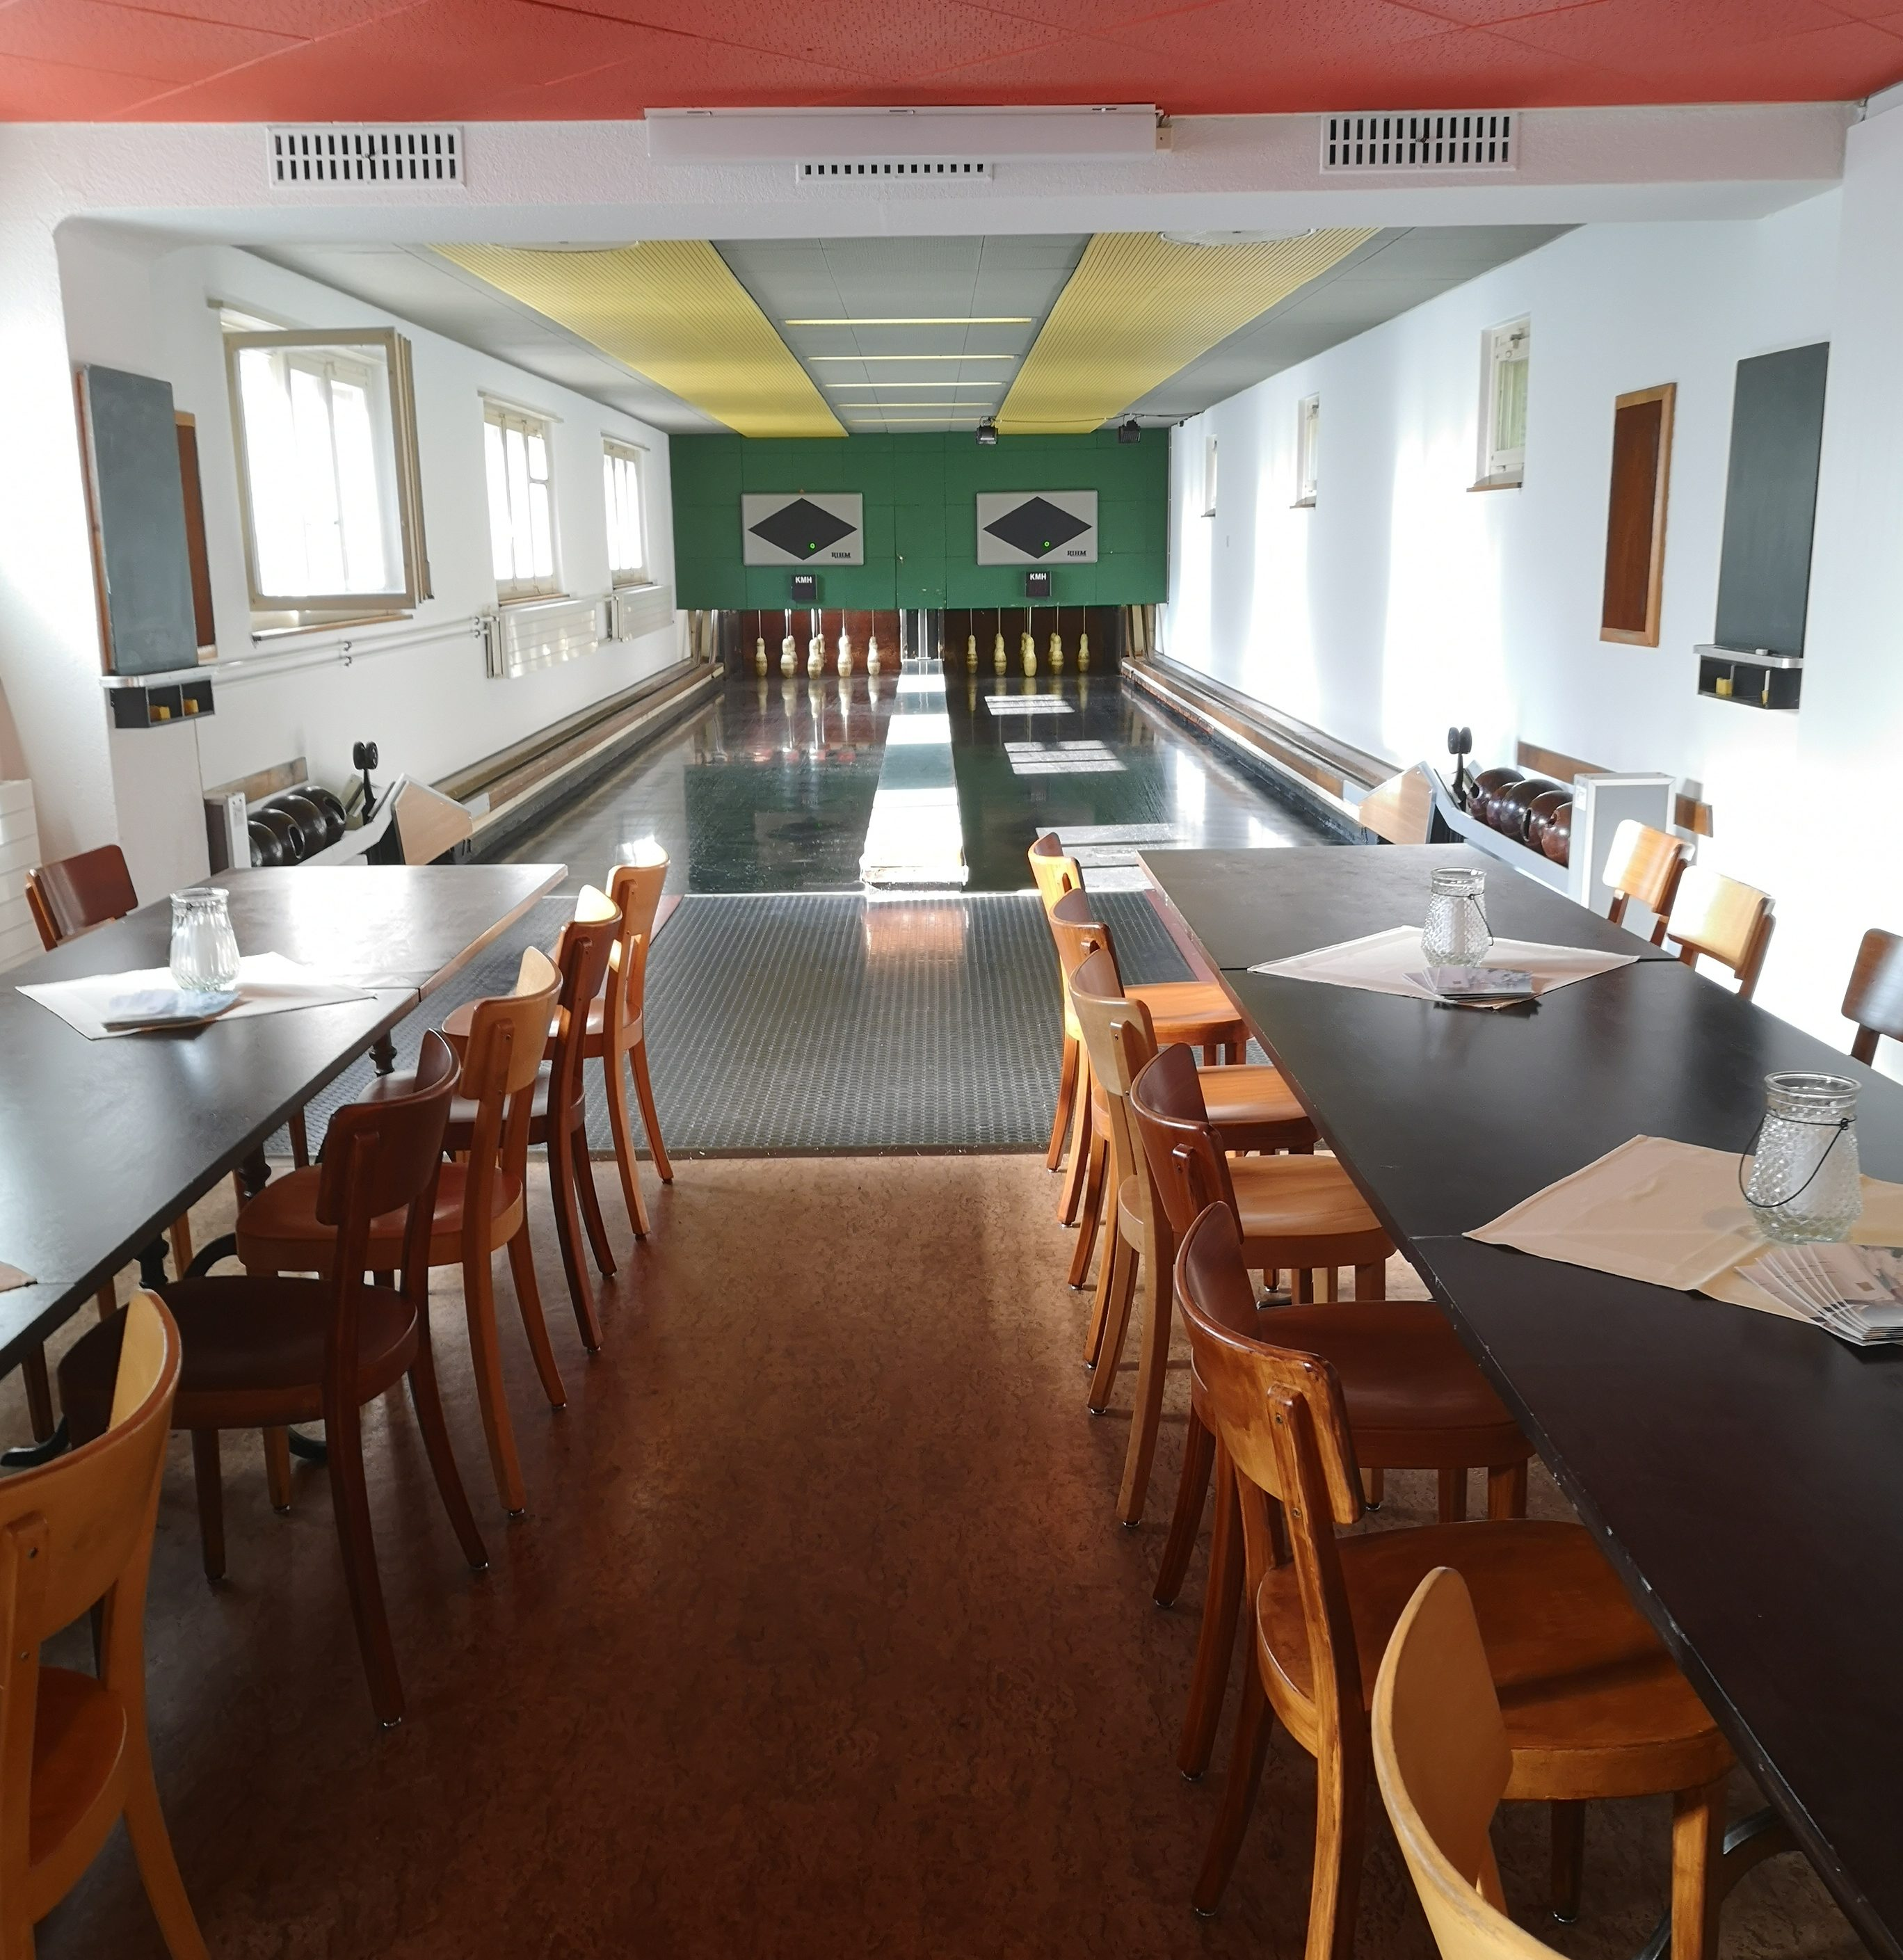 Wiedereröffnung Kegelbahn im Ziegelhüsi in Deisswil b. Stettlen